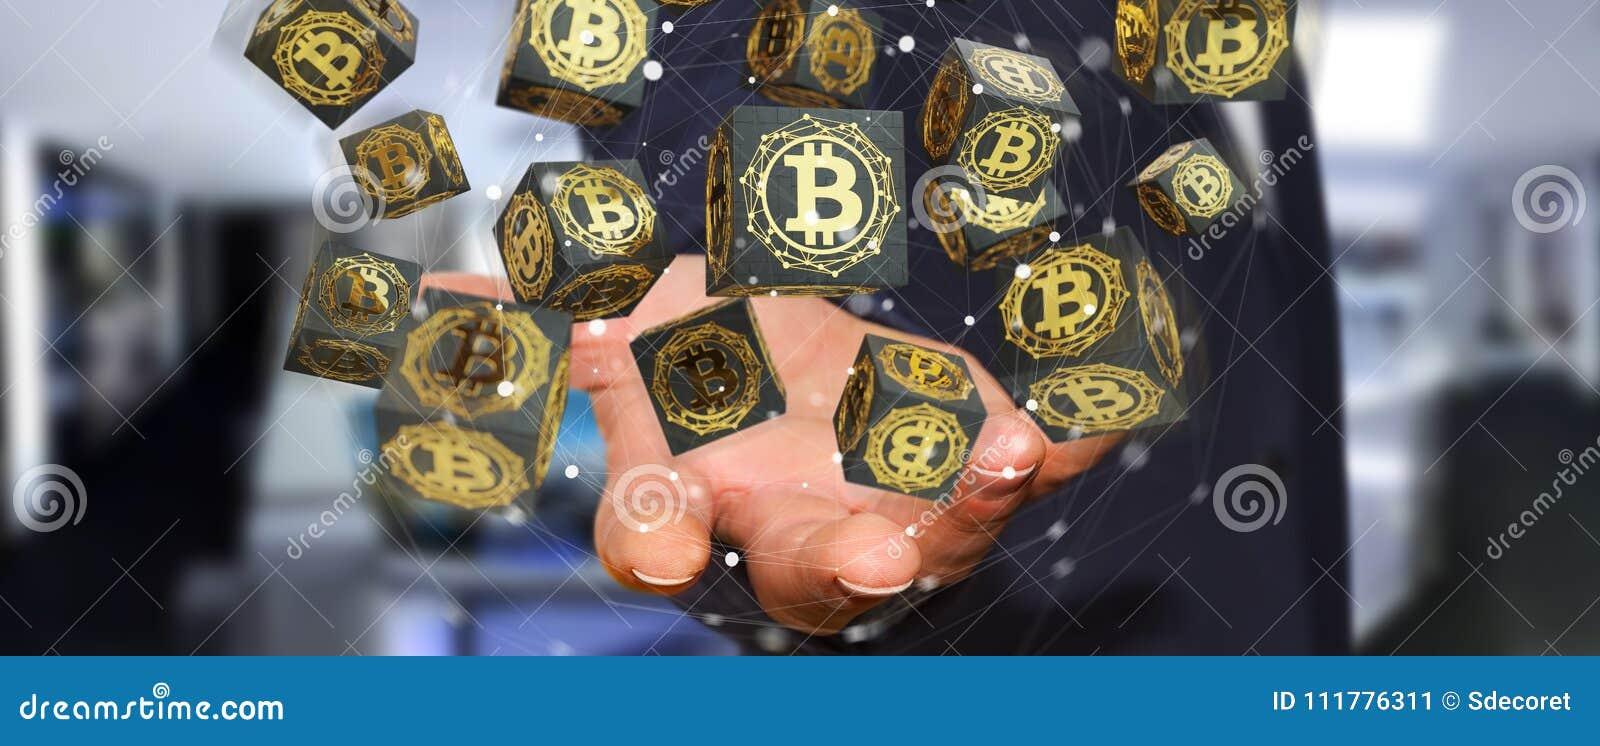 Επιχειρηματίας που χρησιμοποιεί bitcoins την τρισδιάστατη απόδοση cryptocurrency